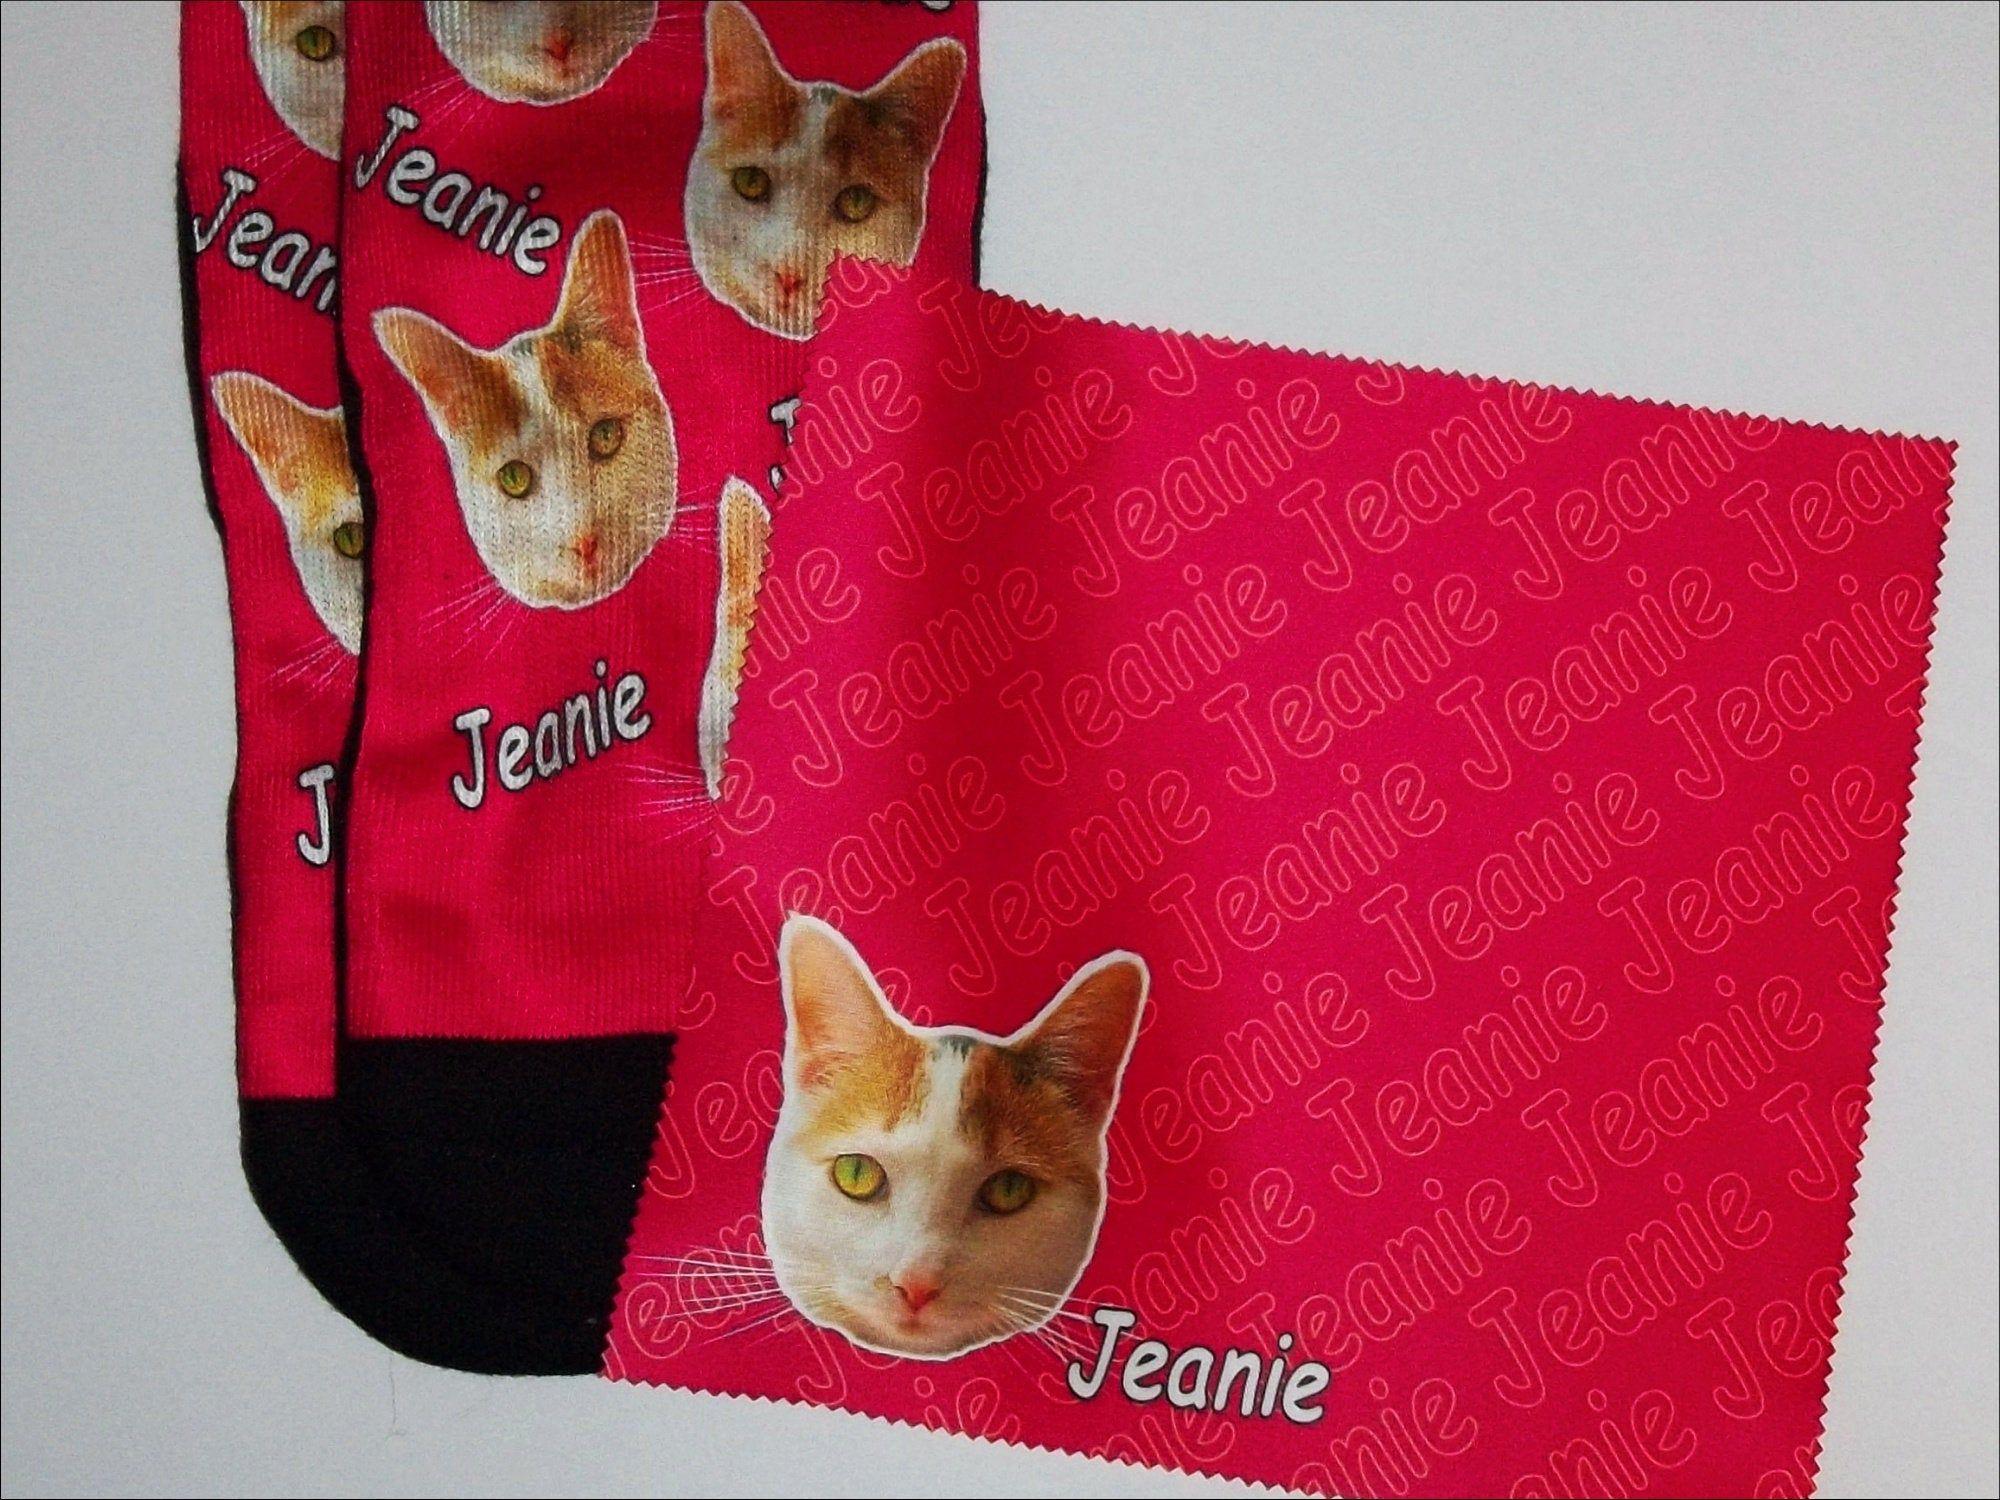 Custom socks CAT DOG PETS photo socks shipped with Etsy